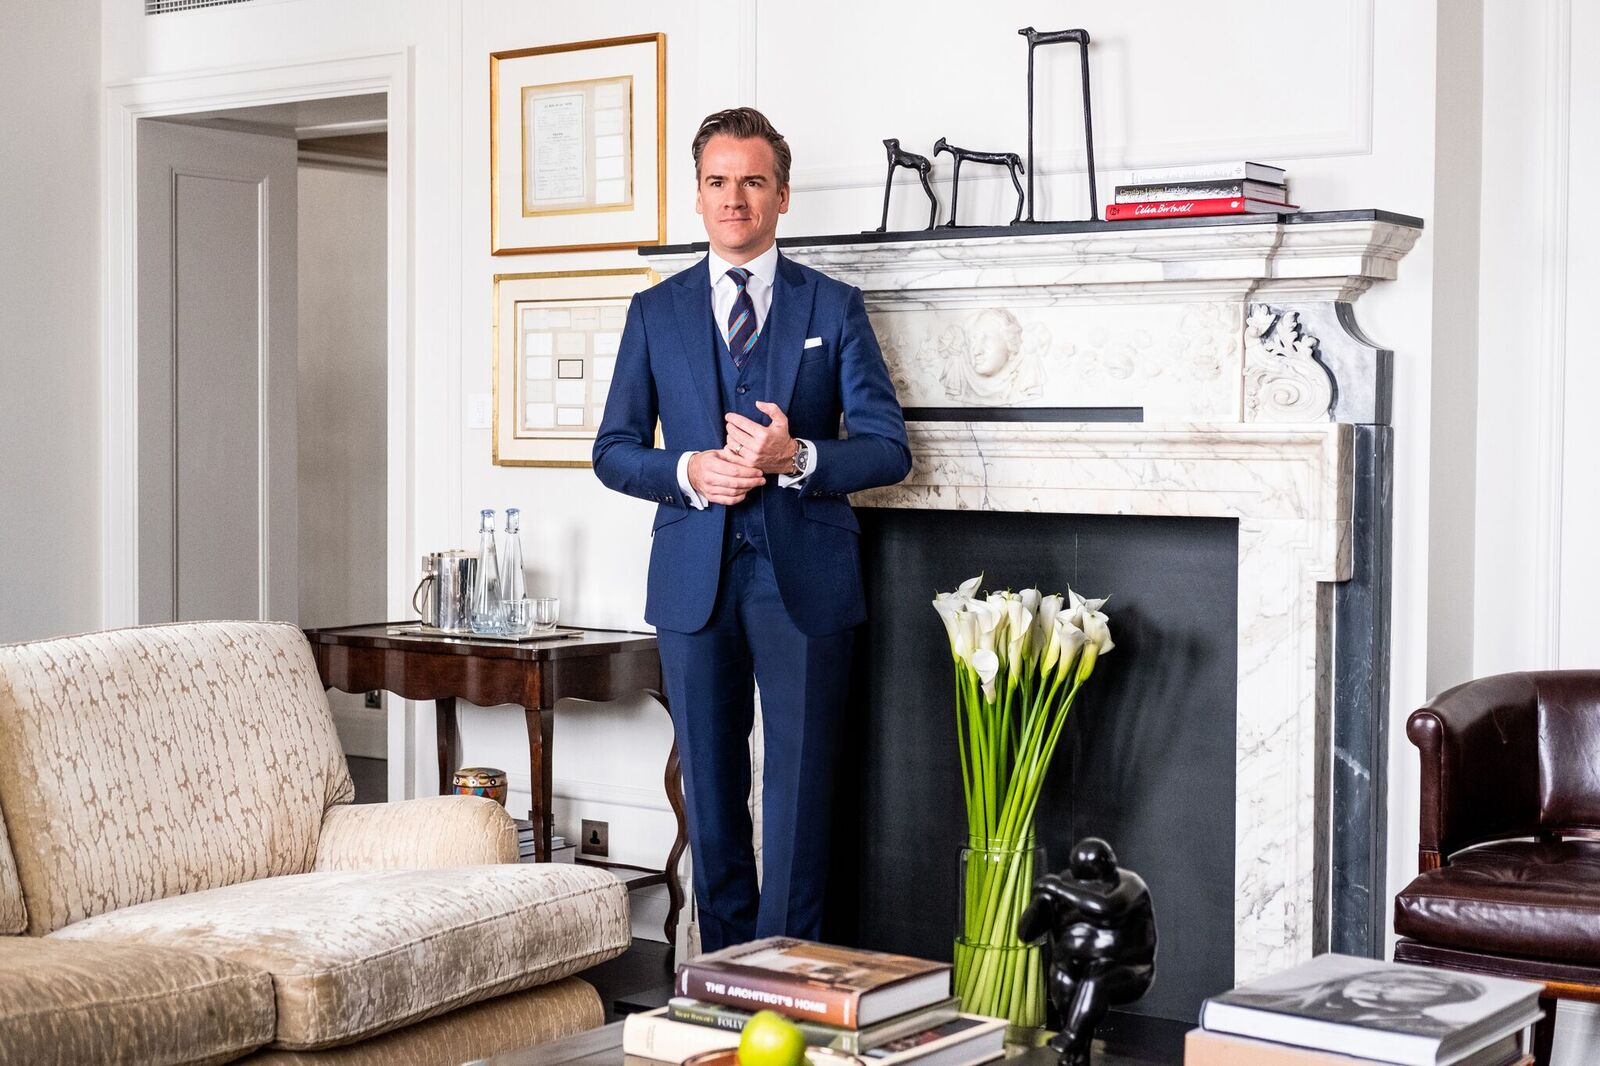 Michael Bonsor, Managing Director, Rosewood London